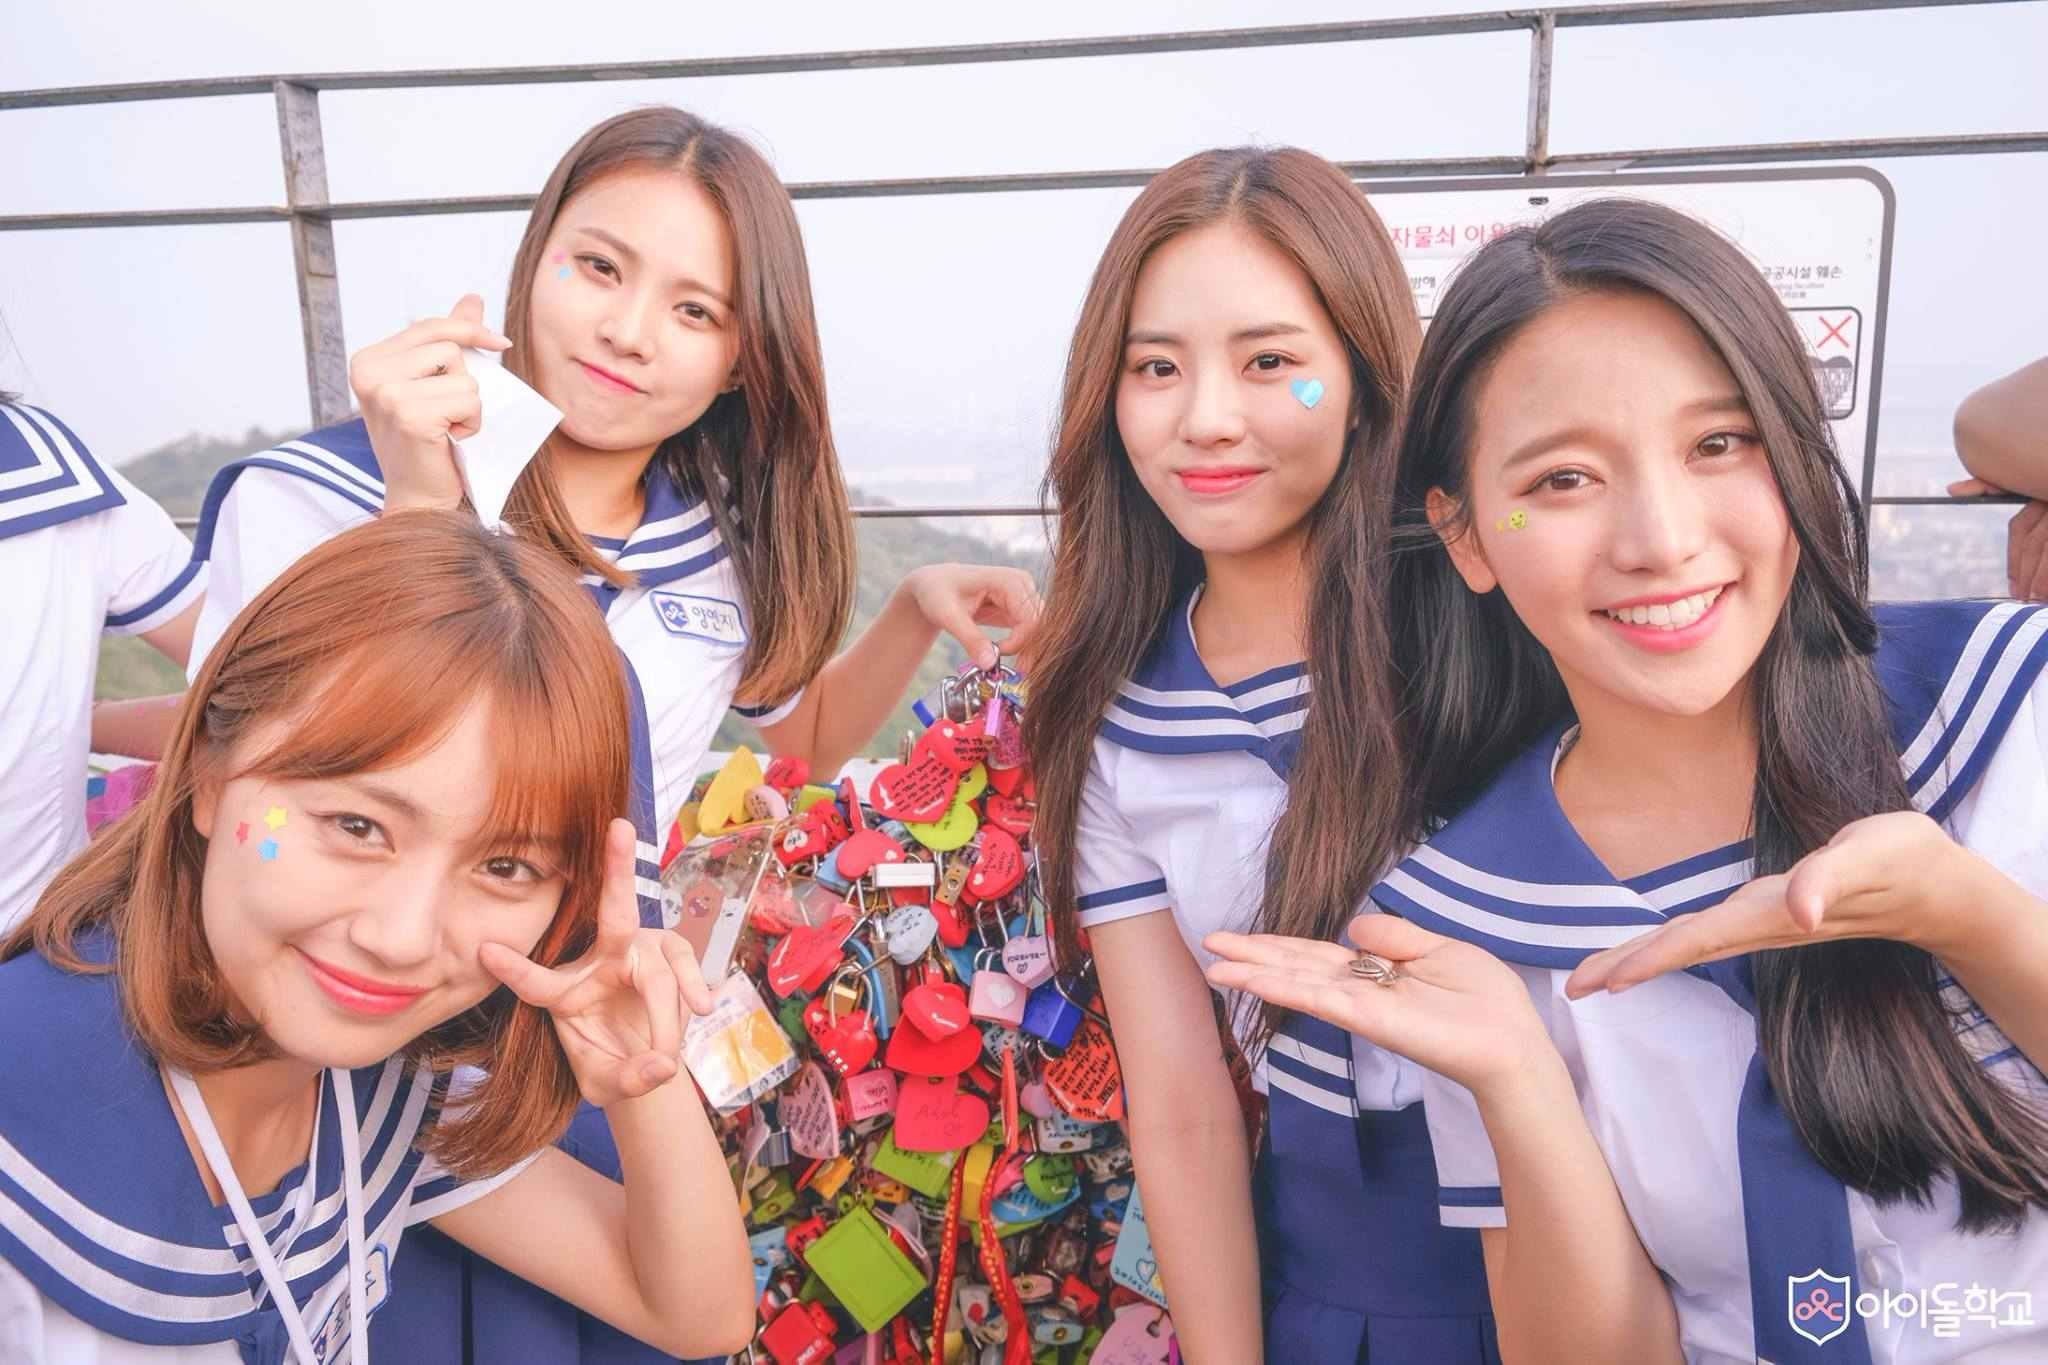 《偶像學校》從開播至今便受到不少的關注,節目旨在培養參賽者成為女團成員出道,因此吸引不少想成為女團出道的人參加。